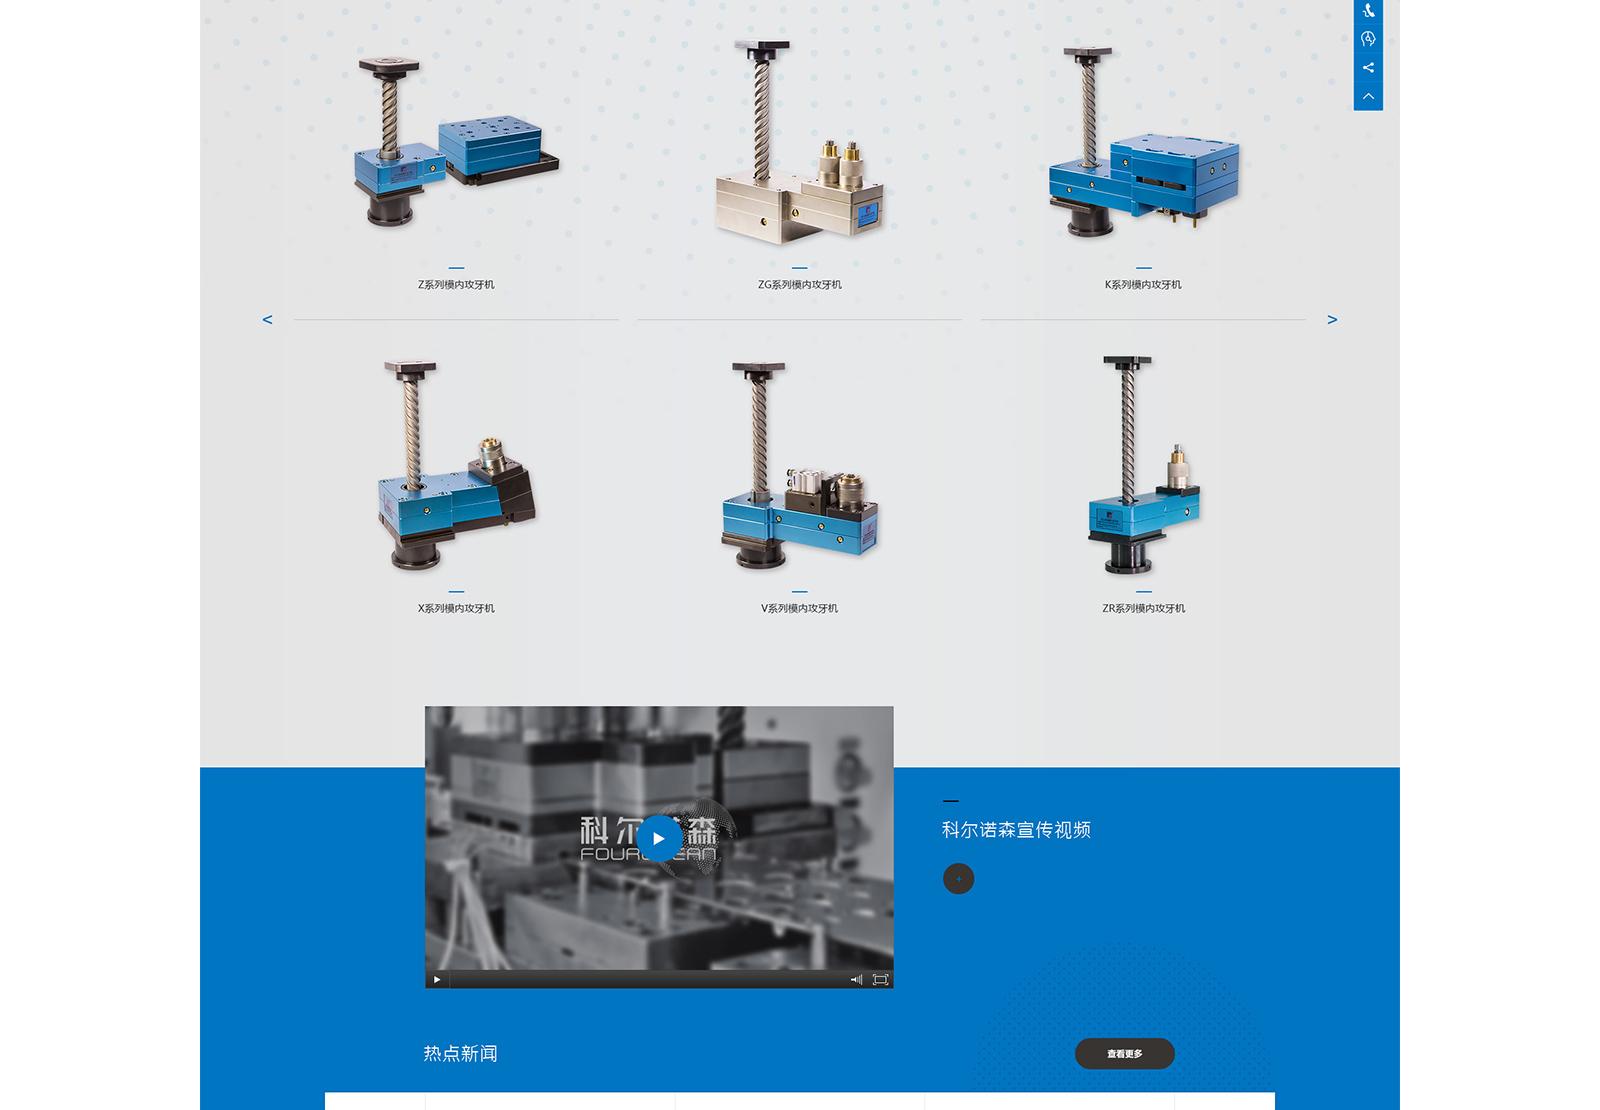 东莞网站设计_05.jpg